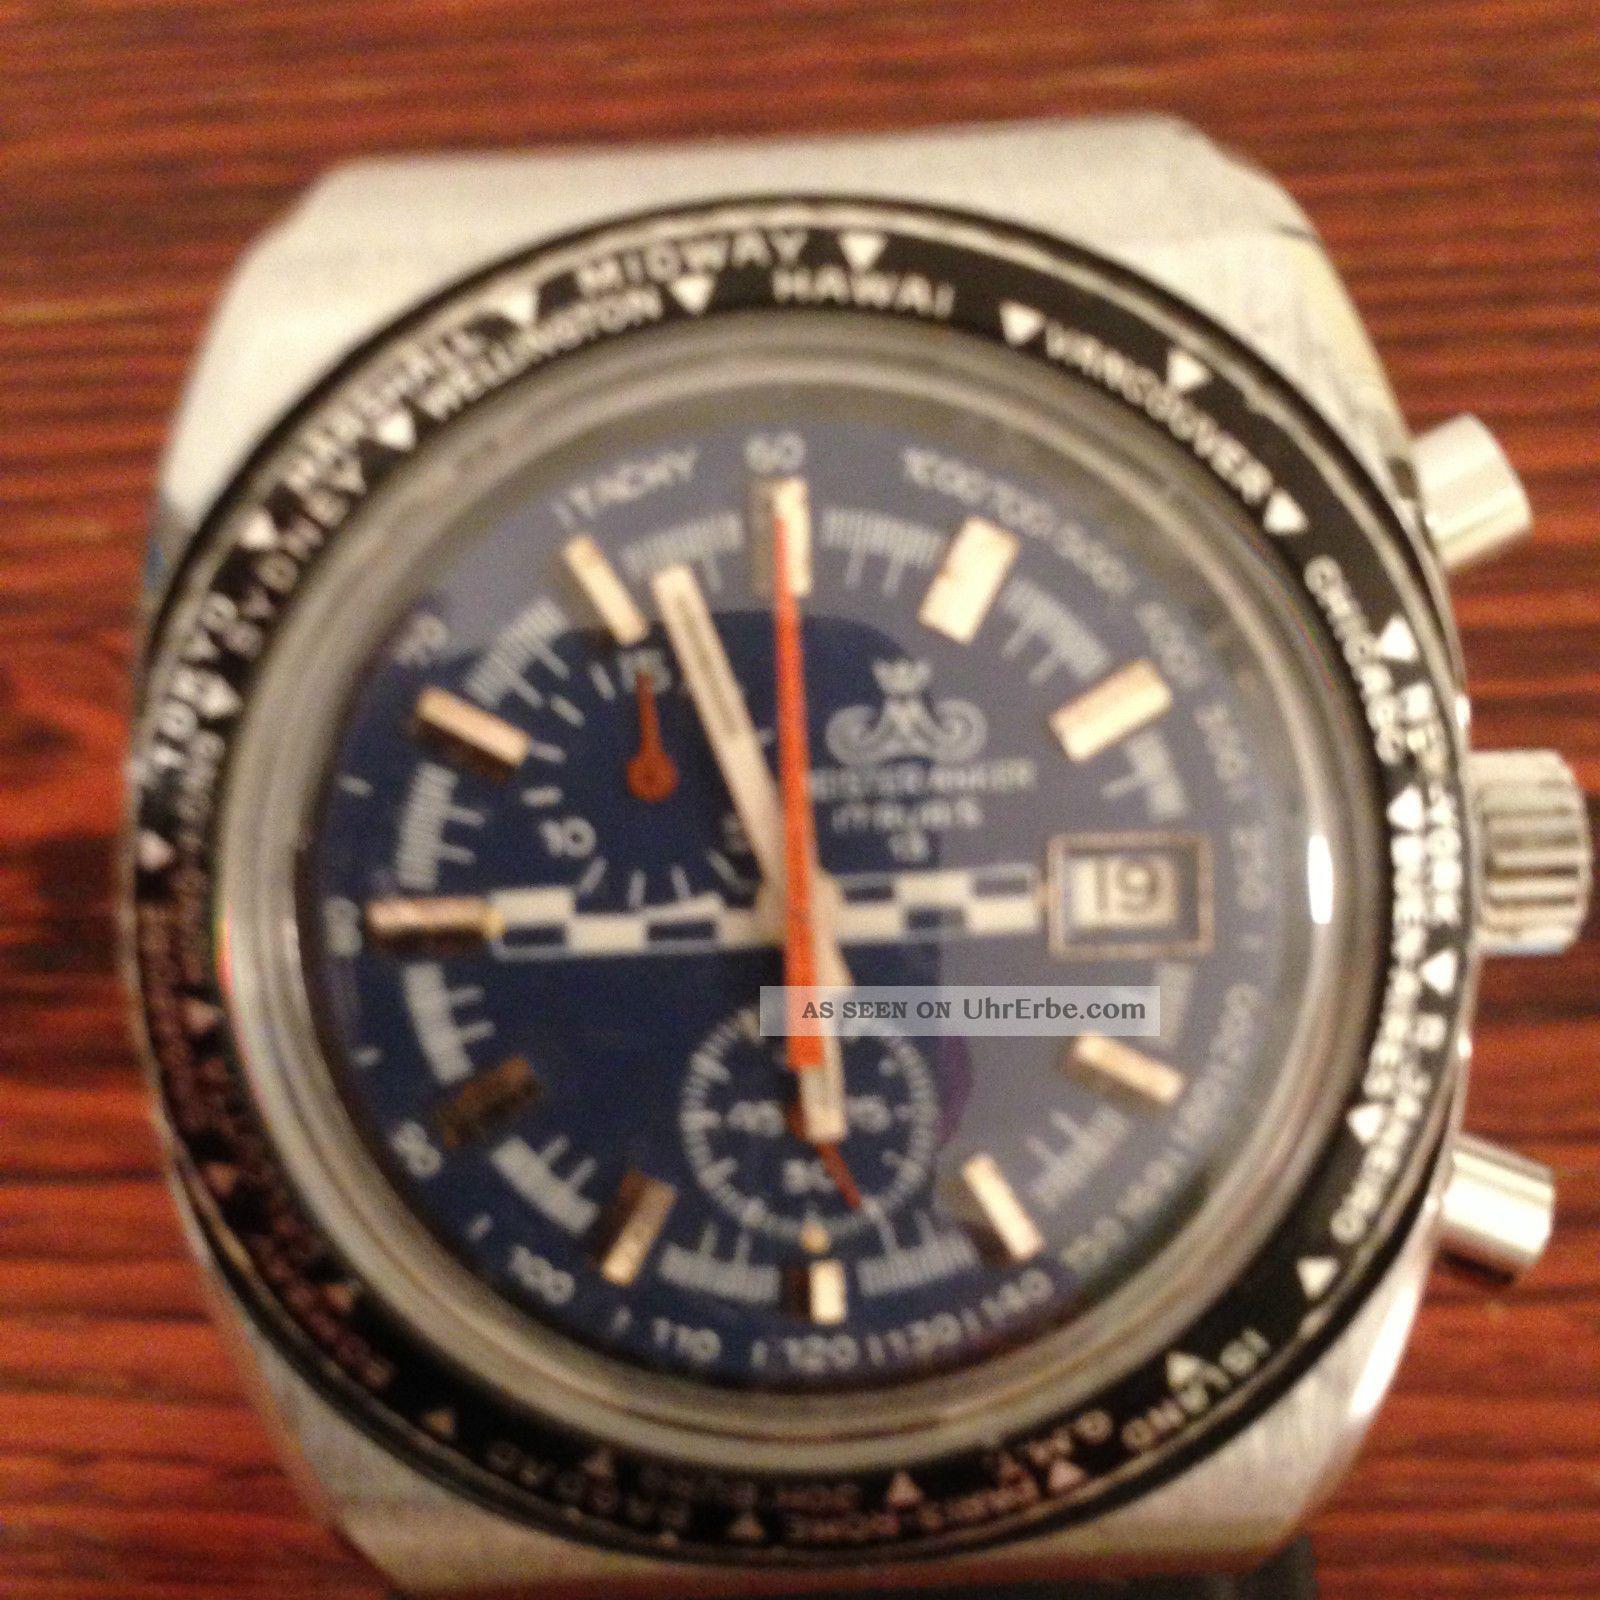 Meister Anker Chronograph 13 Sammler Uhr Armbanduhren Bild